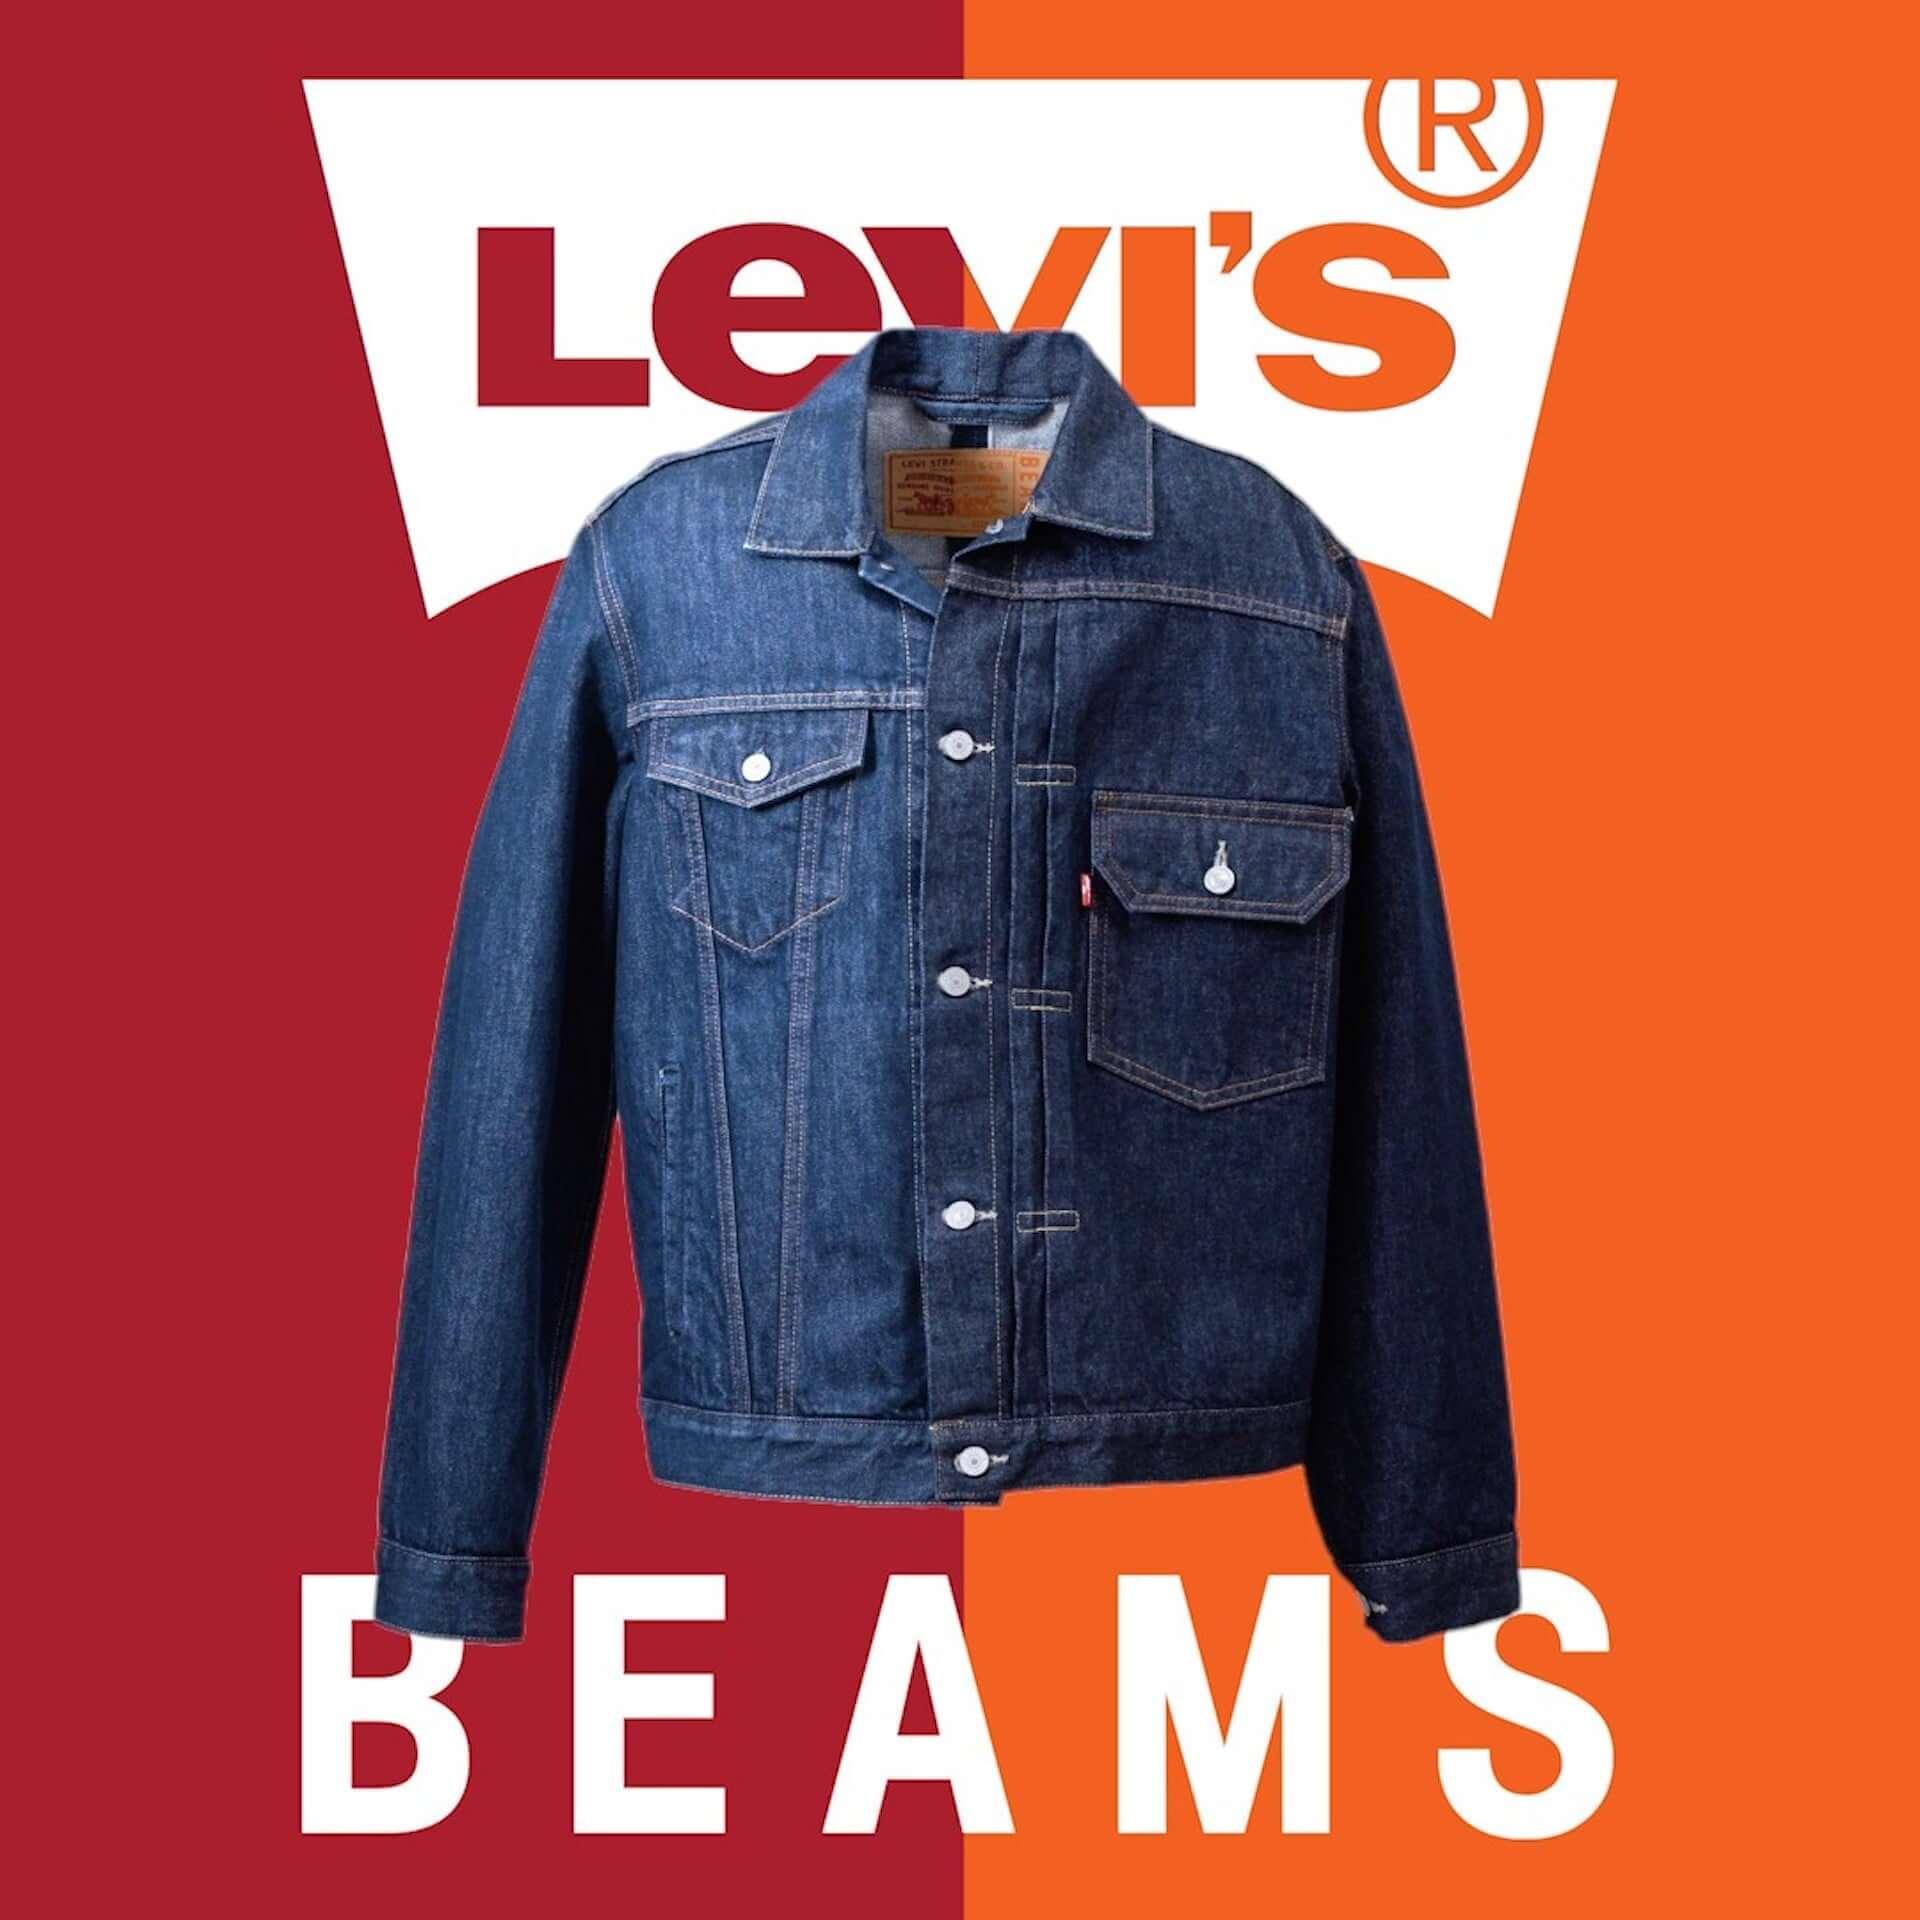 BEAMS×LEVI'S®︎のコラボ第2弾「HALF & HALF COLLECTION」が登場!名作同士が合体したデニムジャケットなど lf200519_levis_beams_1-1920x1920